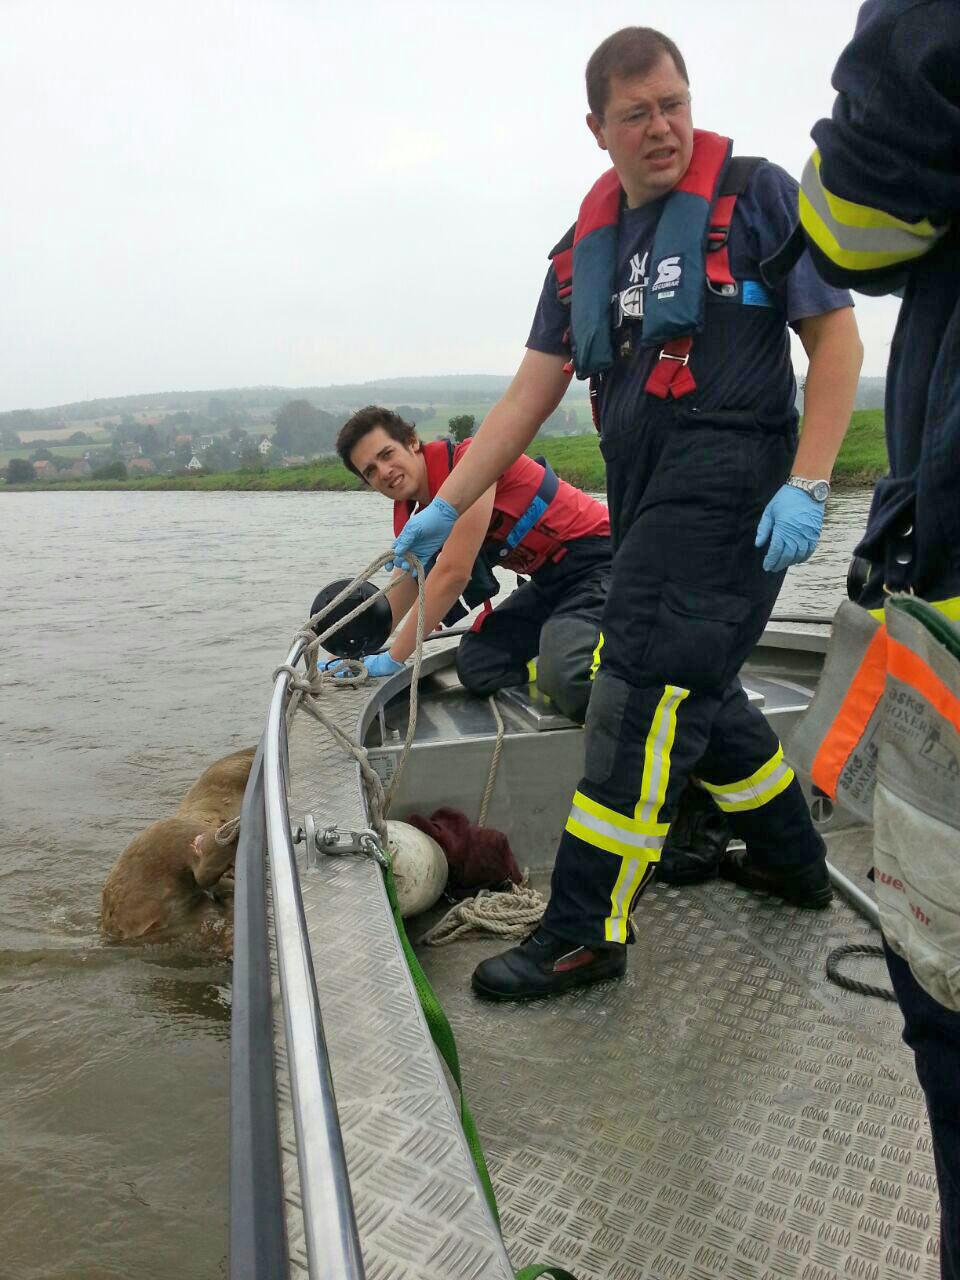 Die Feuerwehr bringt den Tierkadaver an Land.